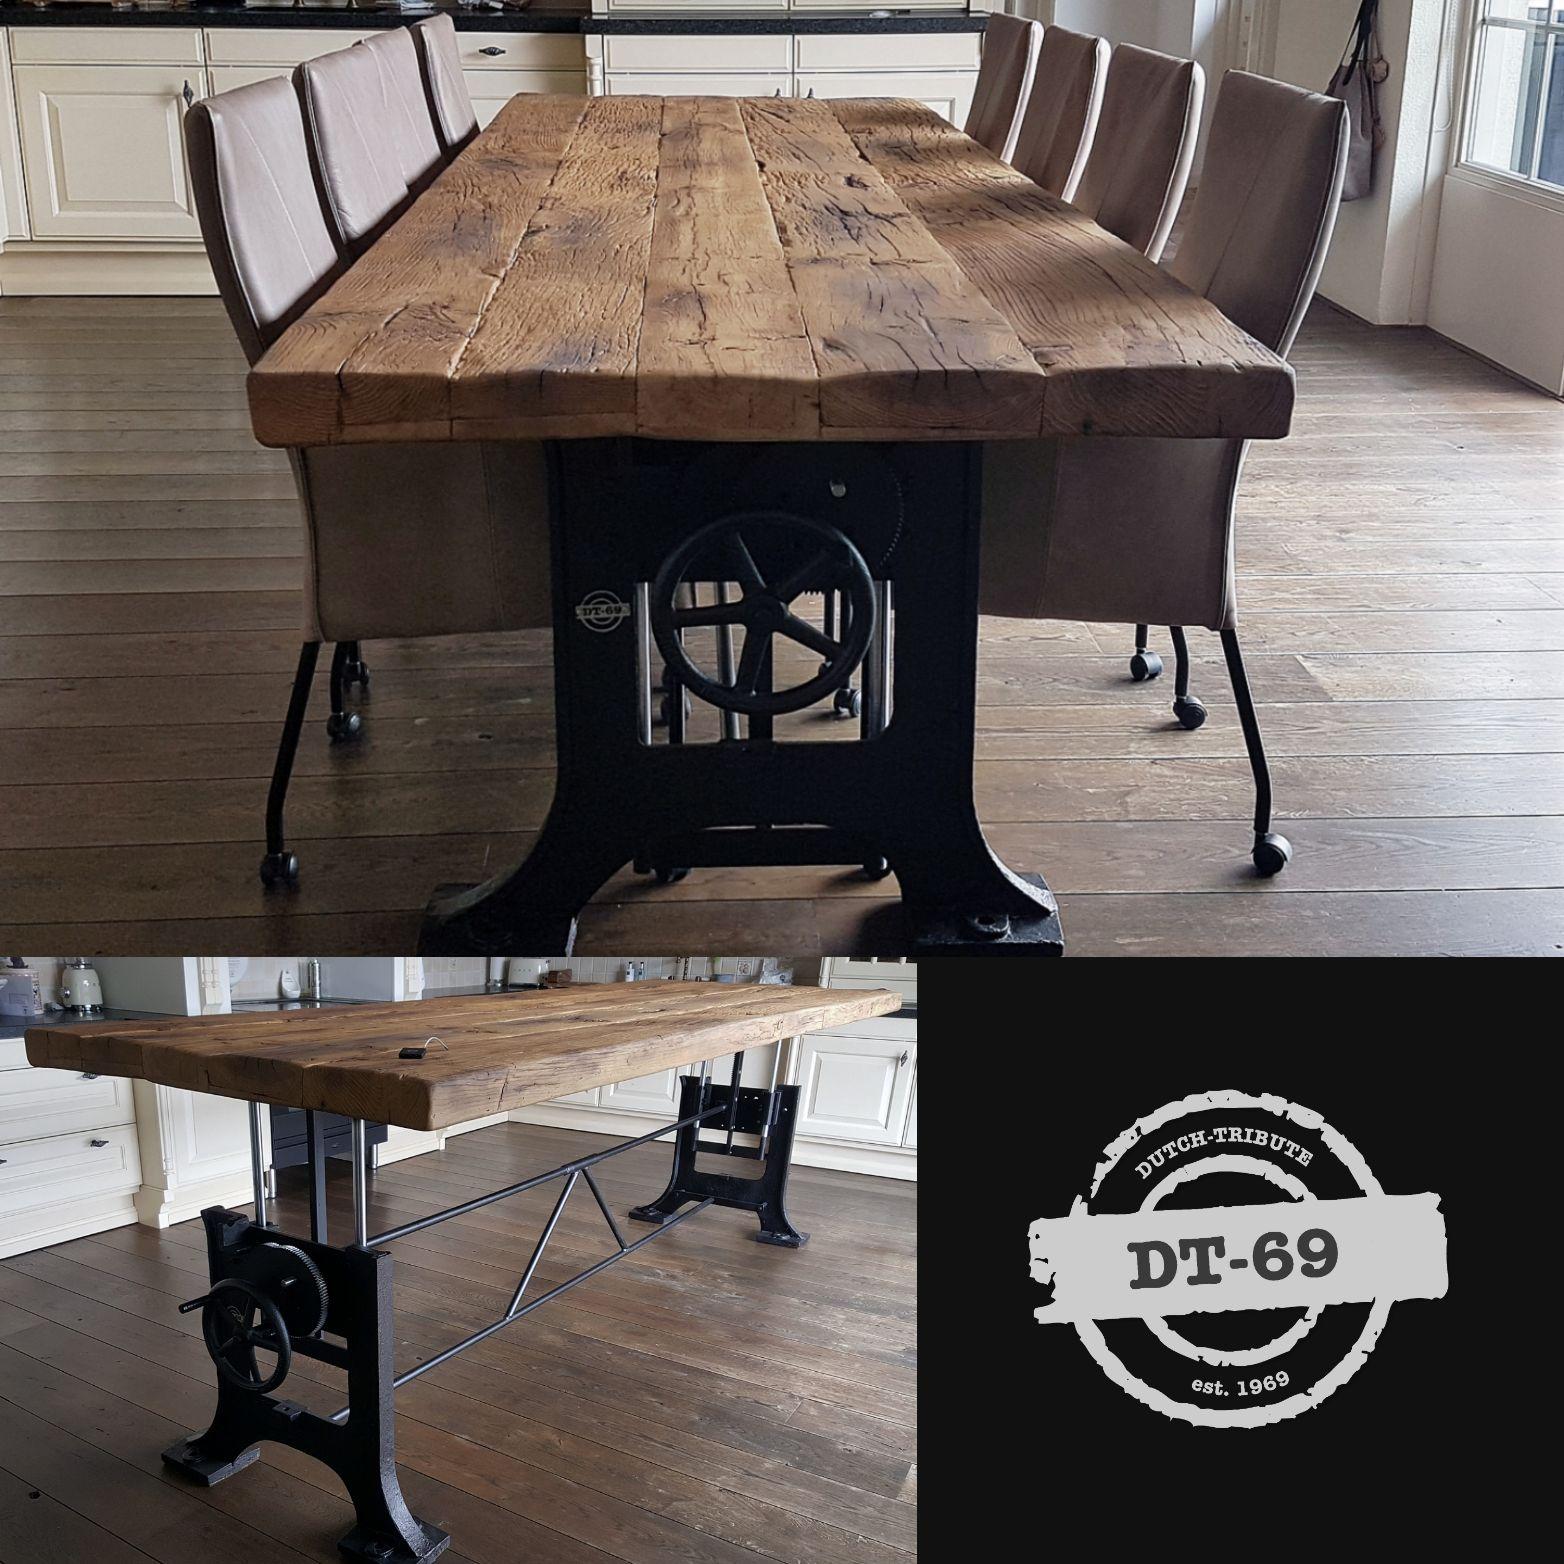 Dieser Industrie Design Tisch Ist Hohenverstellbar Und Ist Hergestellt Aus Einem Paar Alten Guss Tisch Hohenverstellbar Esstisch Industrial Verstellbarer Tisch